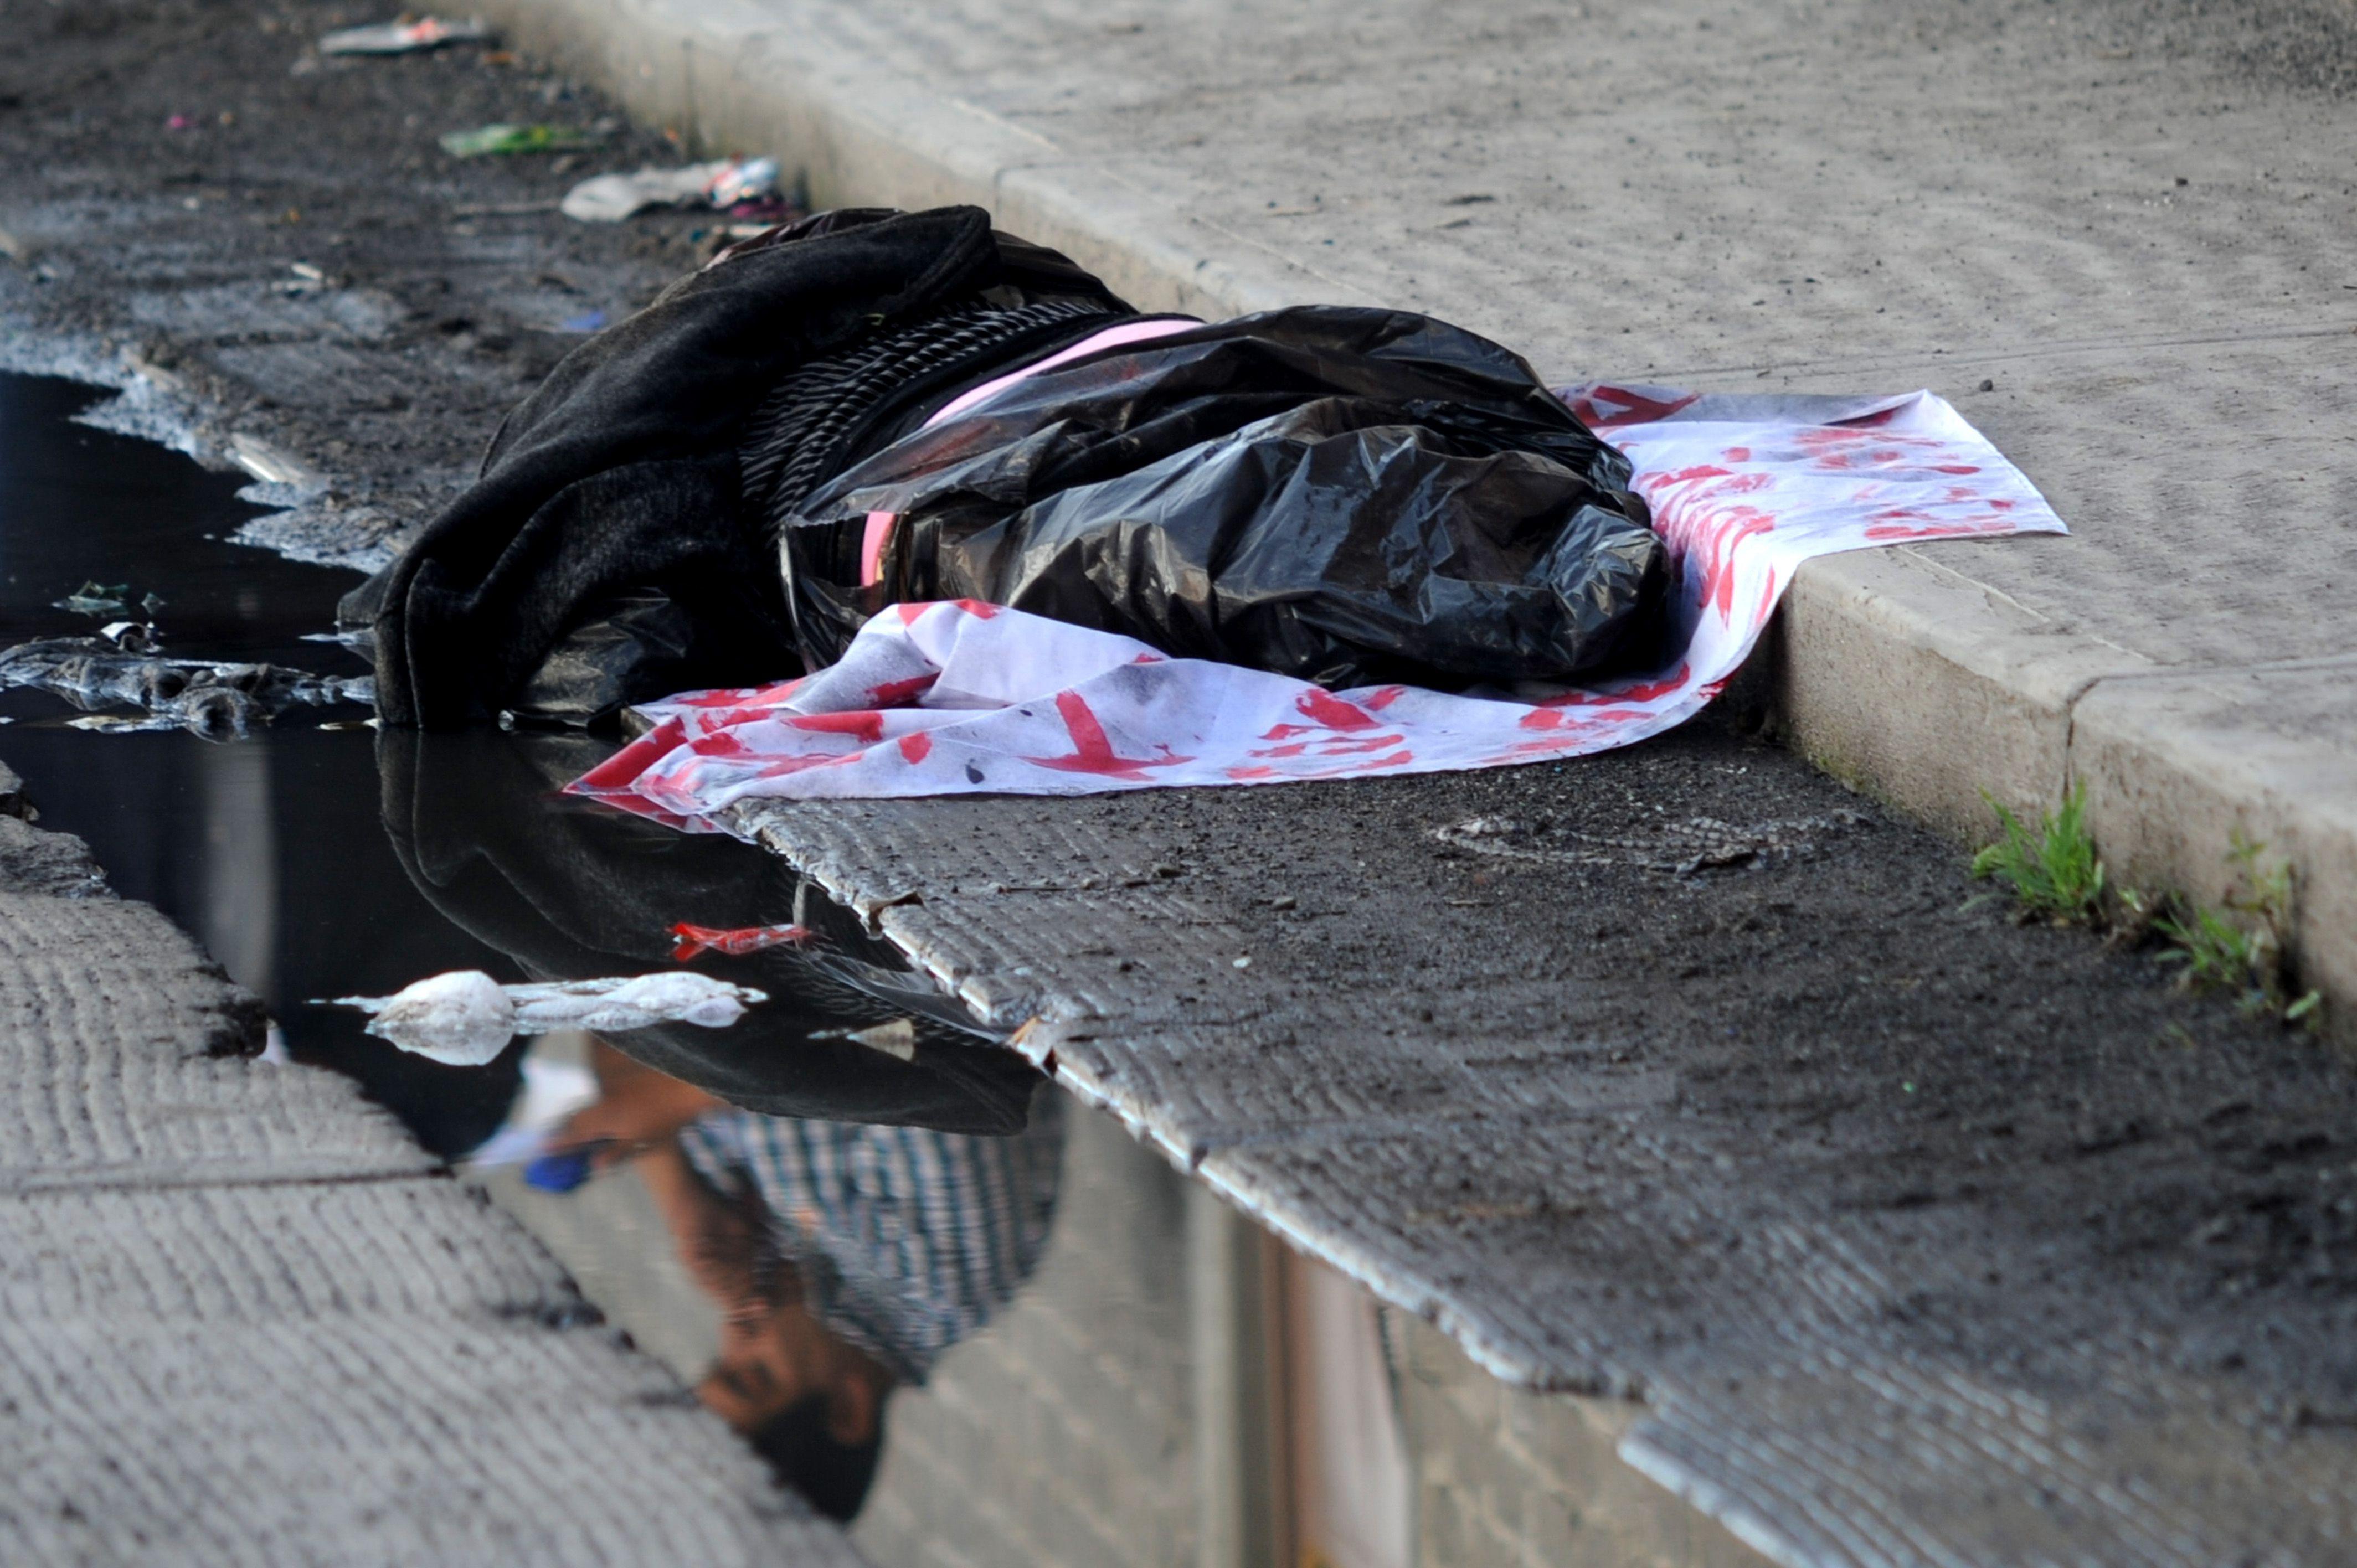 Fotografía ilustrativa. El cuerpo de una mujer con sapos amarrados al cuello fue encontrada en el fraccionamiento Valles del Sol, en Sinaloa (Foto: Cuartoscuro)